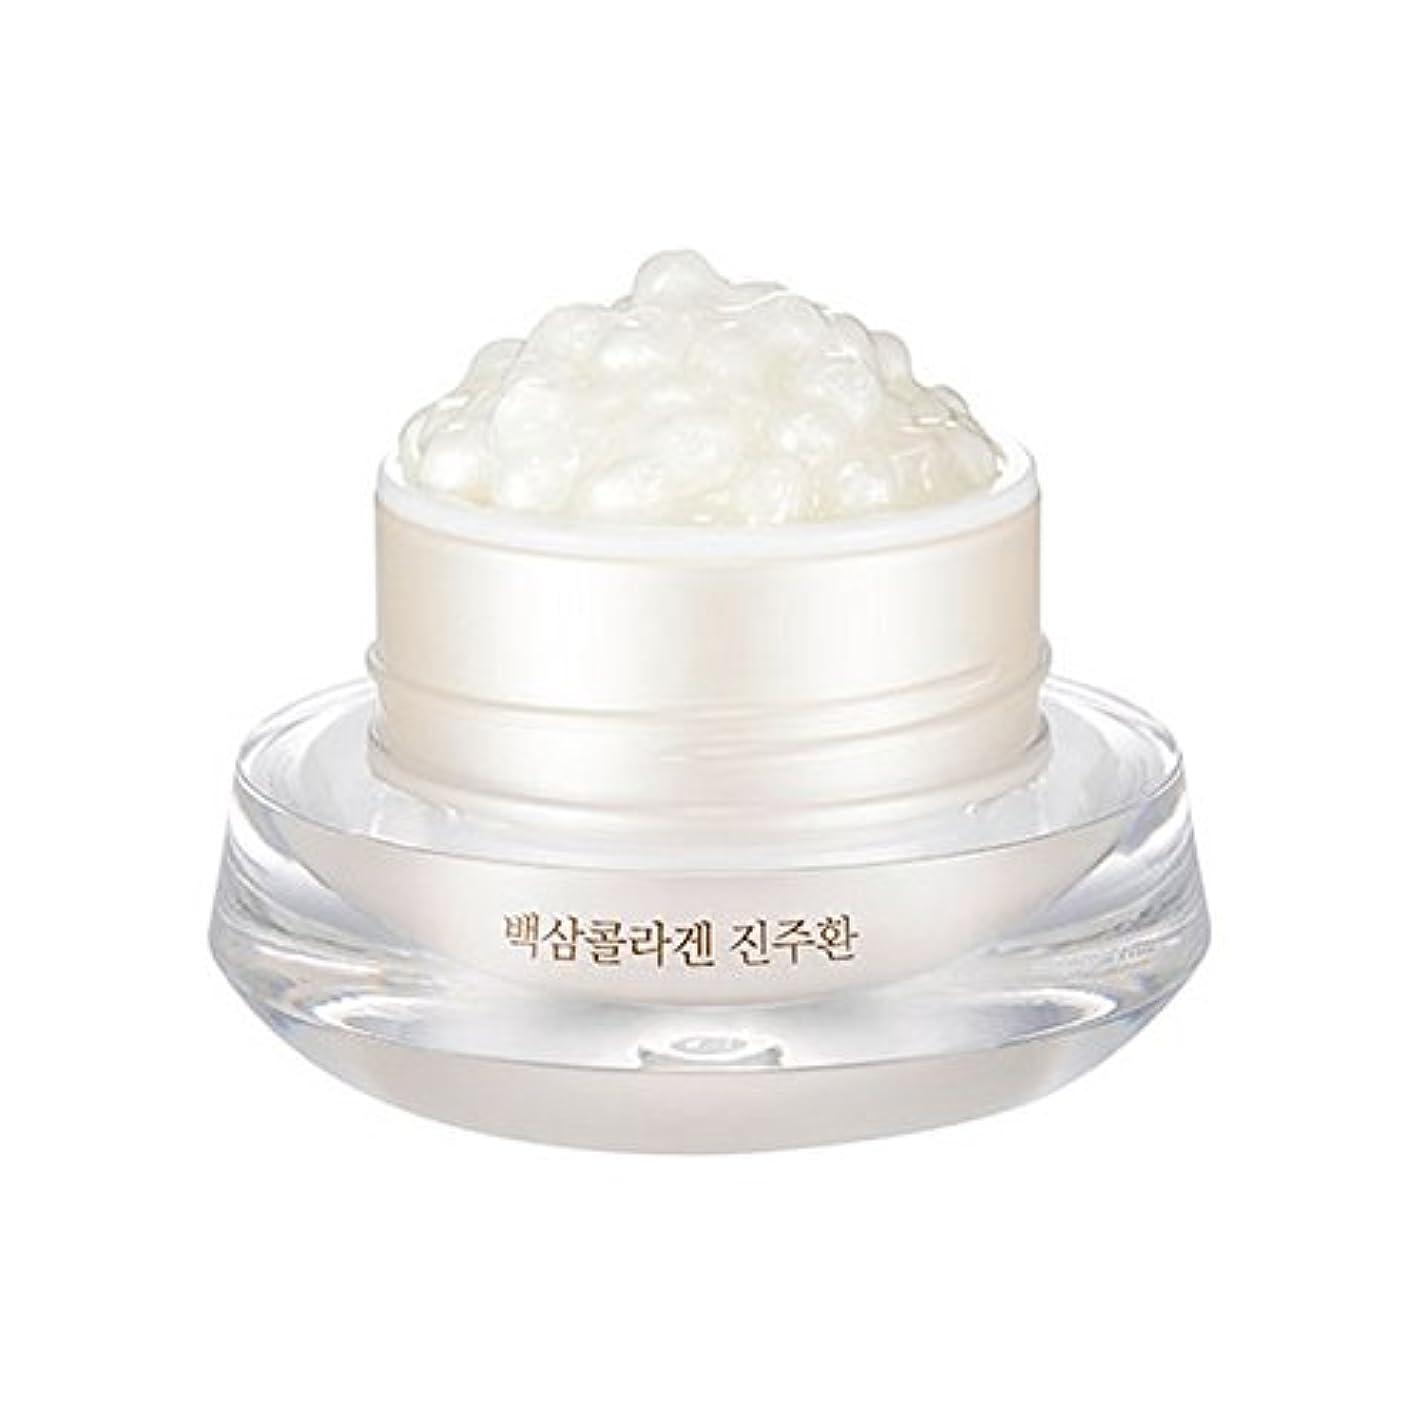 フェード過度のイタリック[ザ?フェイスショップ] The Face Shop 白参 コラーゲン パール カプセルクリーム White Ginseng Collagen Pearl Capsule Cream [並行輸入品]